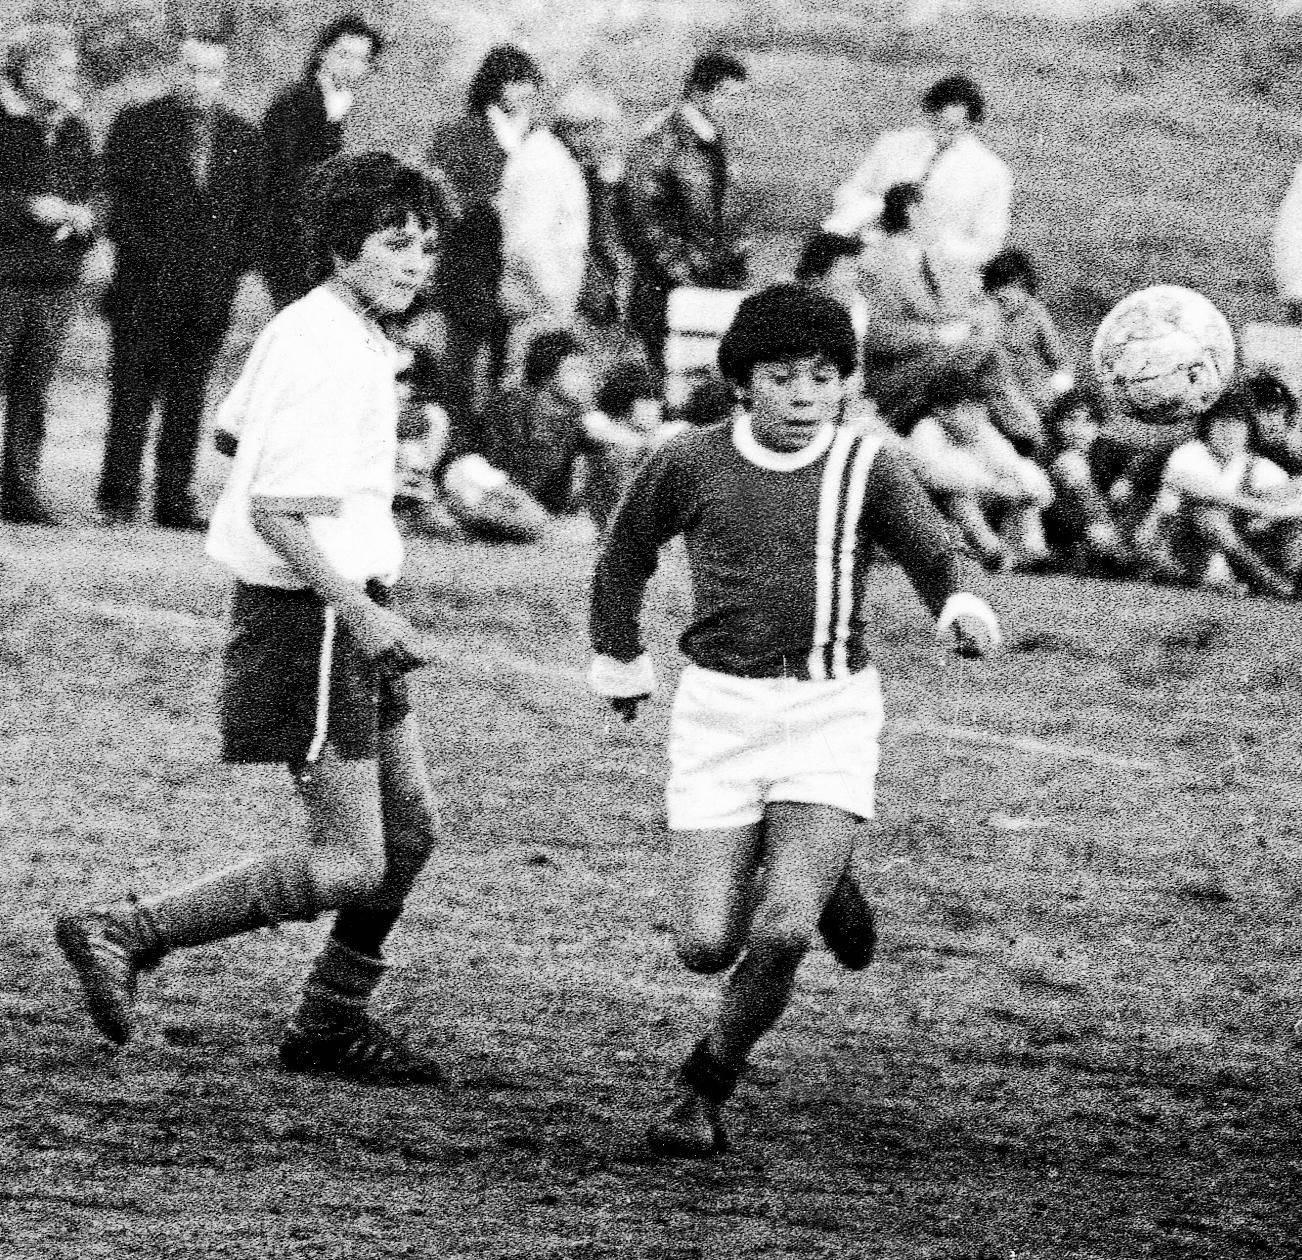 Maradona no início de carreira